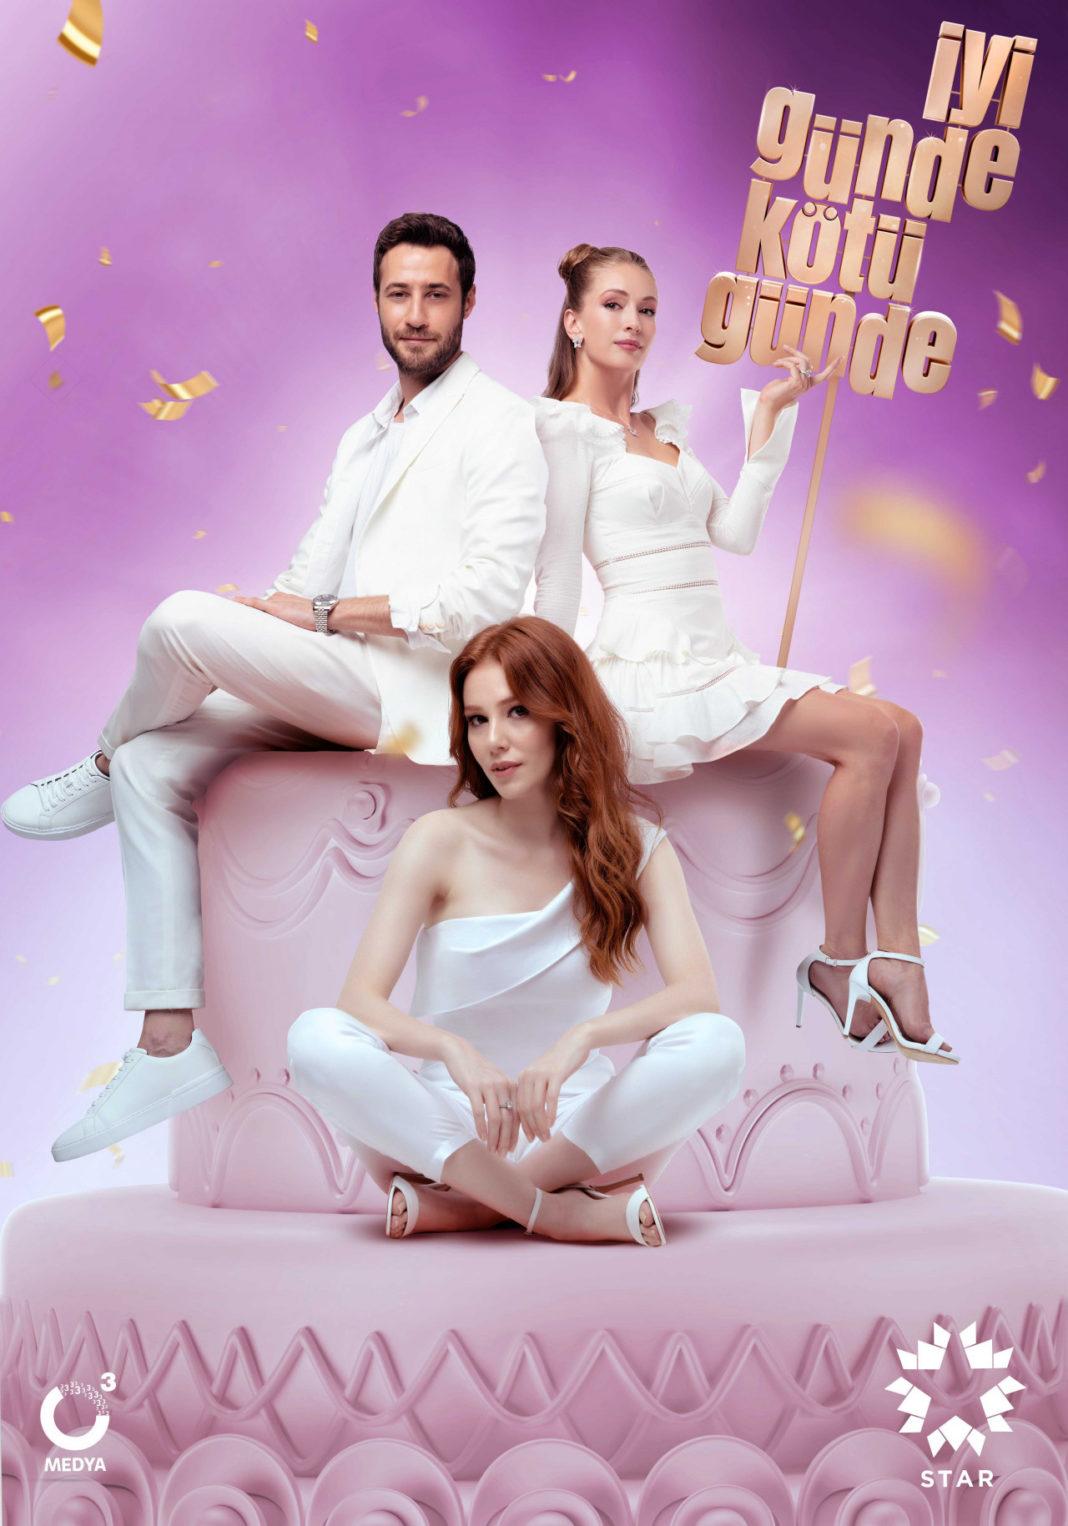 İyi Günde Kötü Günde is an assertive Turkish series of the new season.